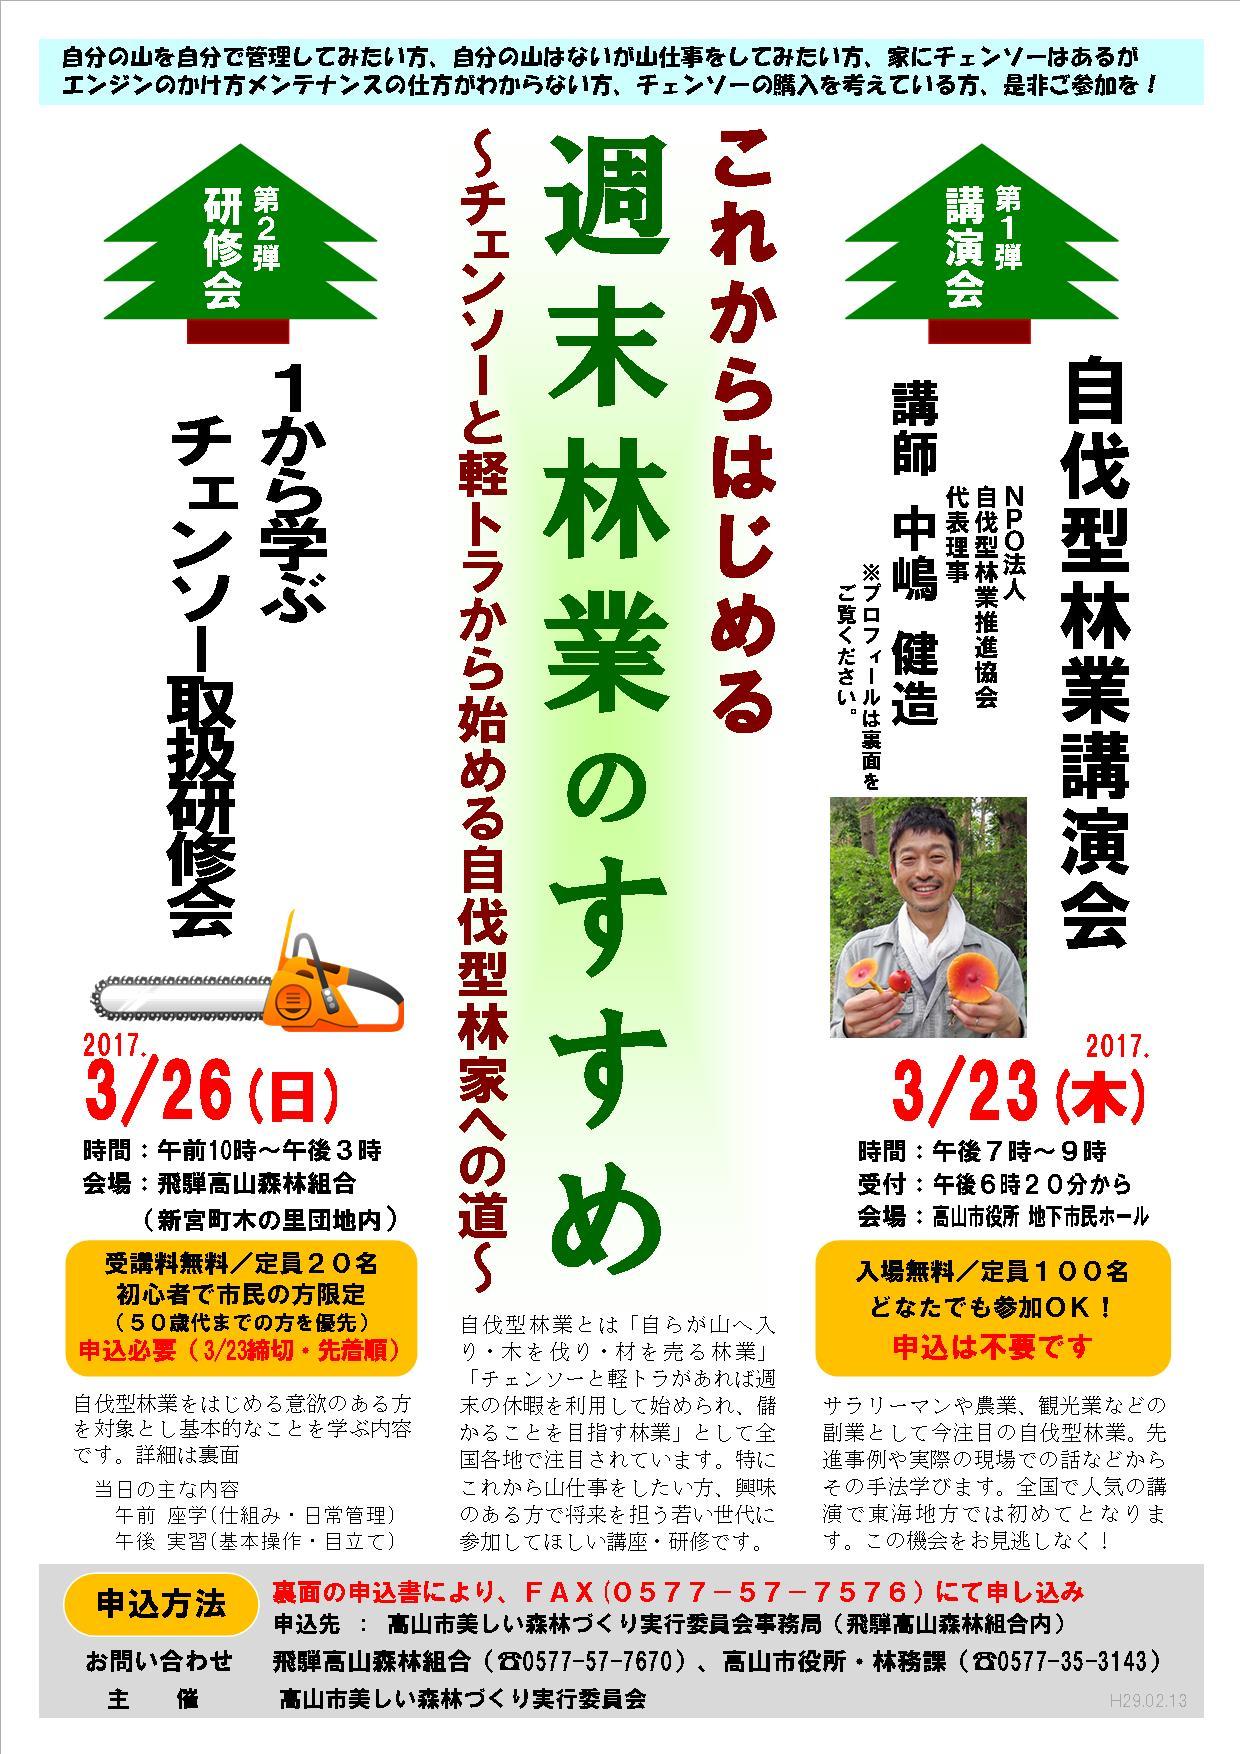 岐阜県内初開催!3月23日高山市でシンポ「これからはじめる週末林業のすすめ」